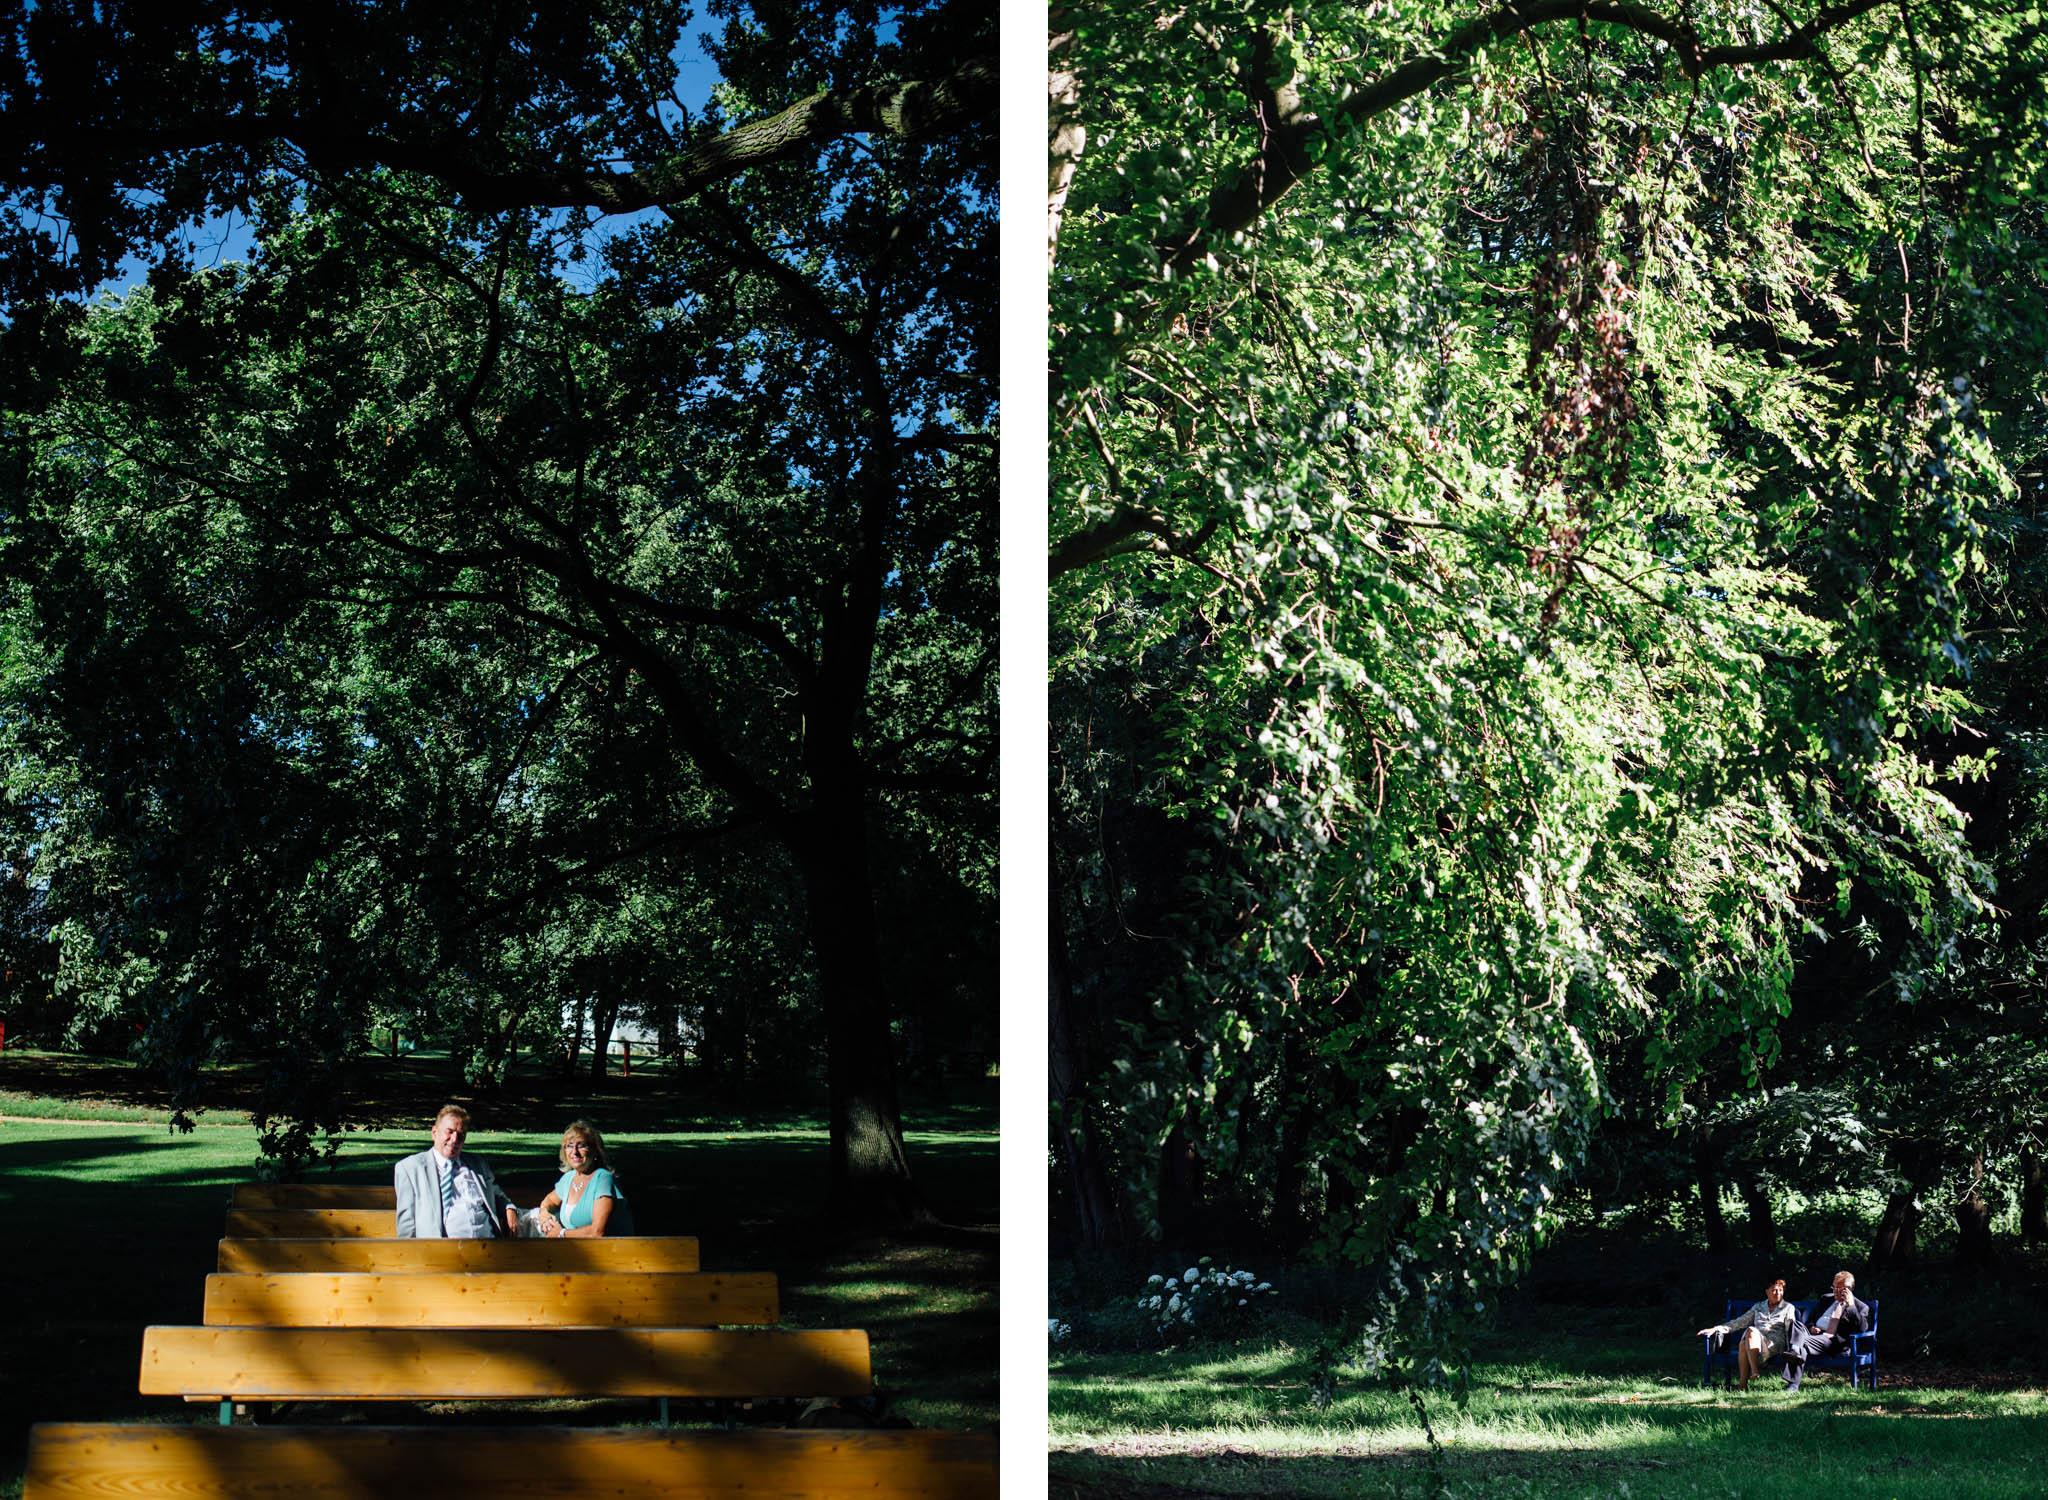 schloss-ziethen-kremmen-brandenburg-park